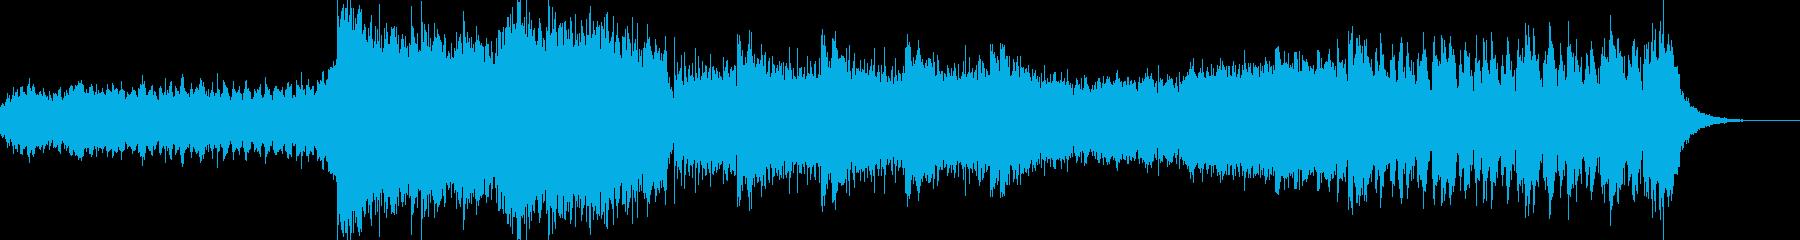 ゲーム戦闘シーン合う曲の再生済みの波形